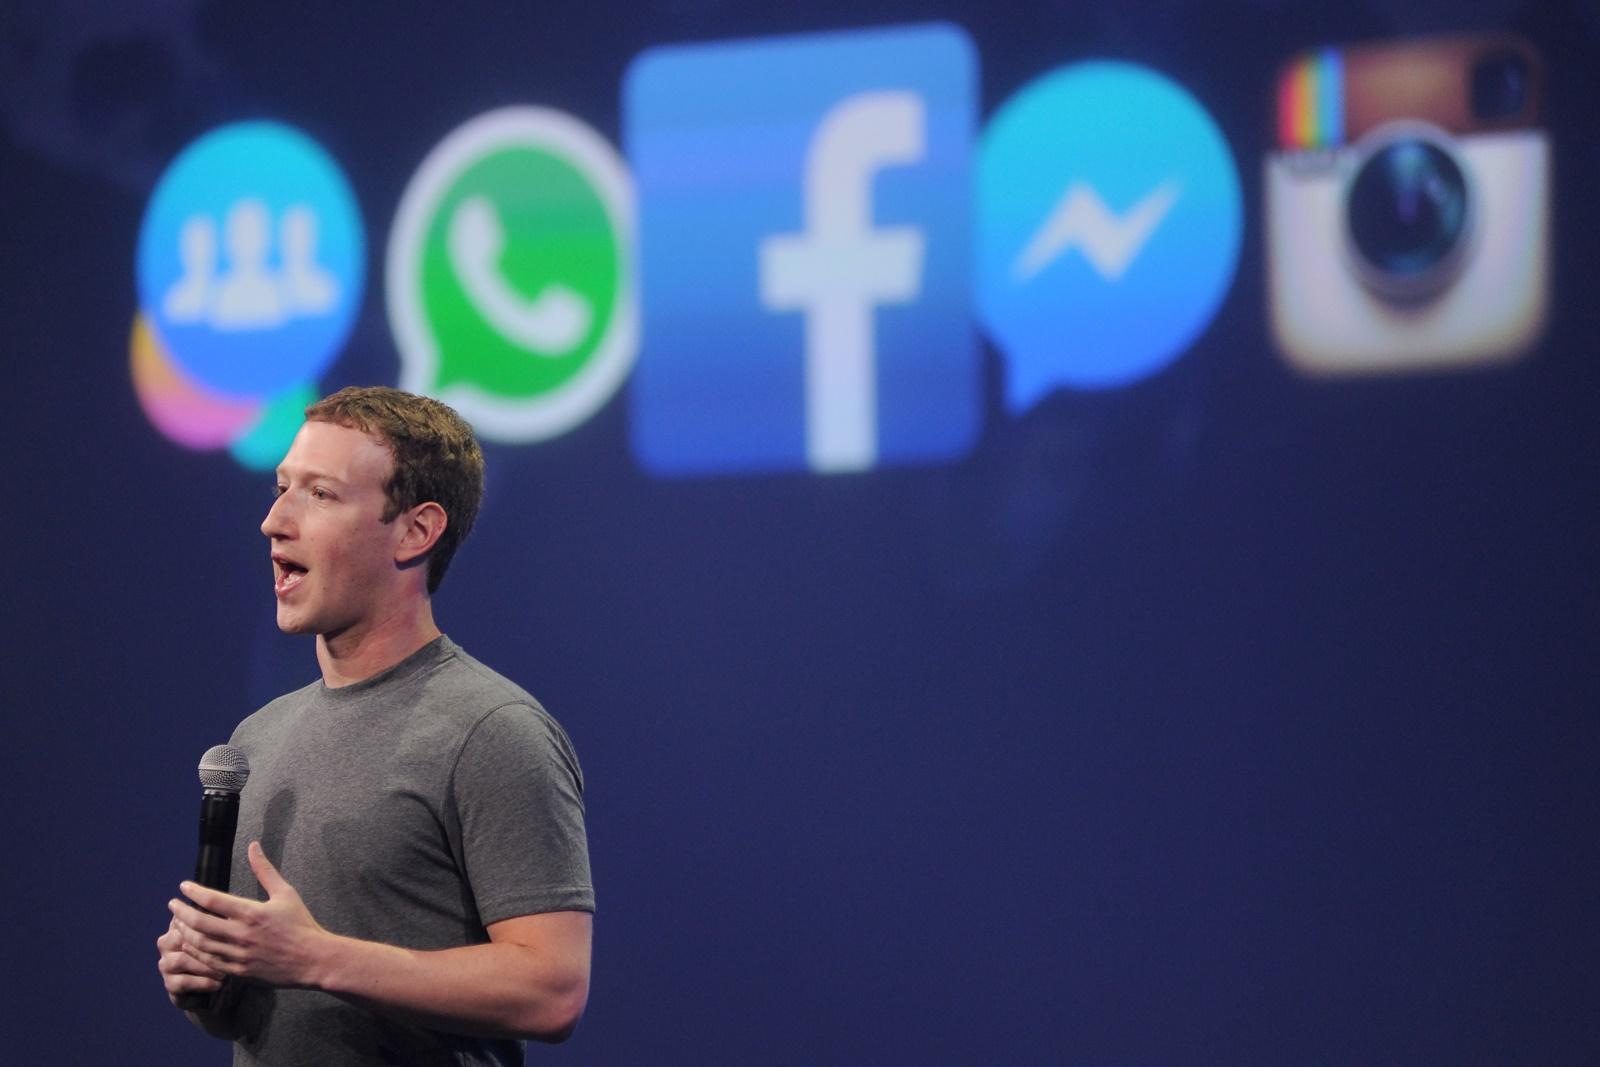 Imagem de Recorde: 1 bilhão de usuários acessaram o Facebook em um único dia no tecmundo